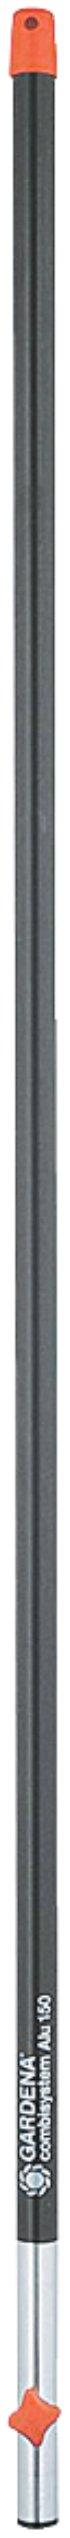 GARDENA combisystem-Aluminiumstiel 150 cm